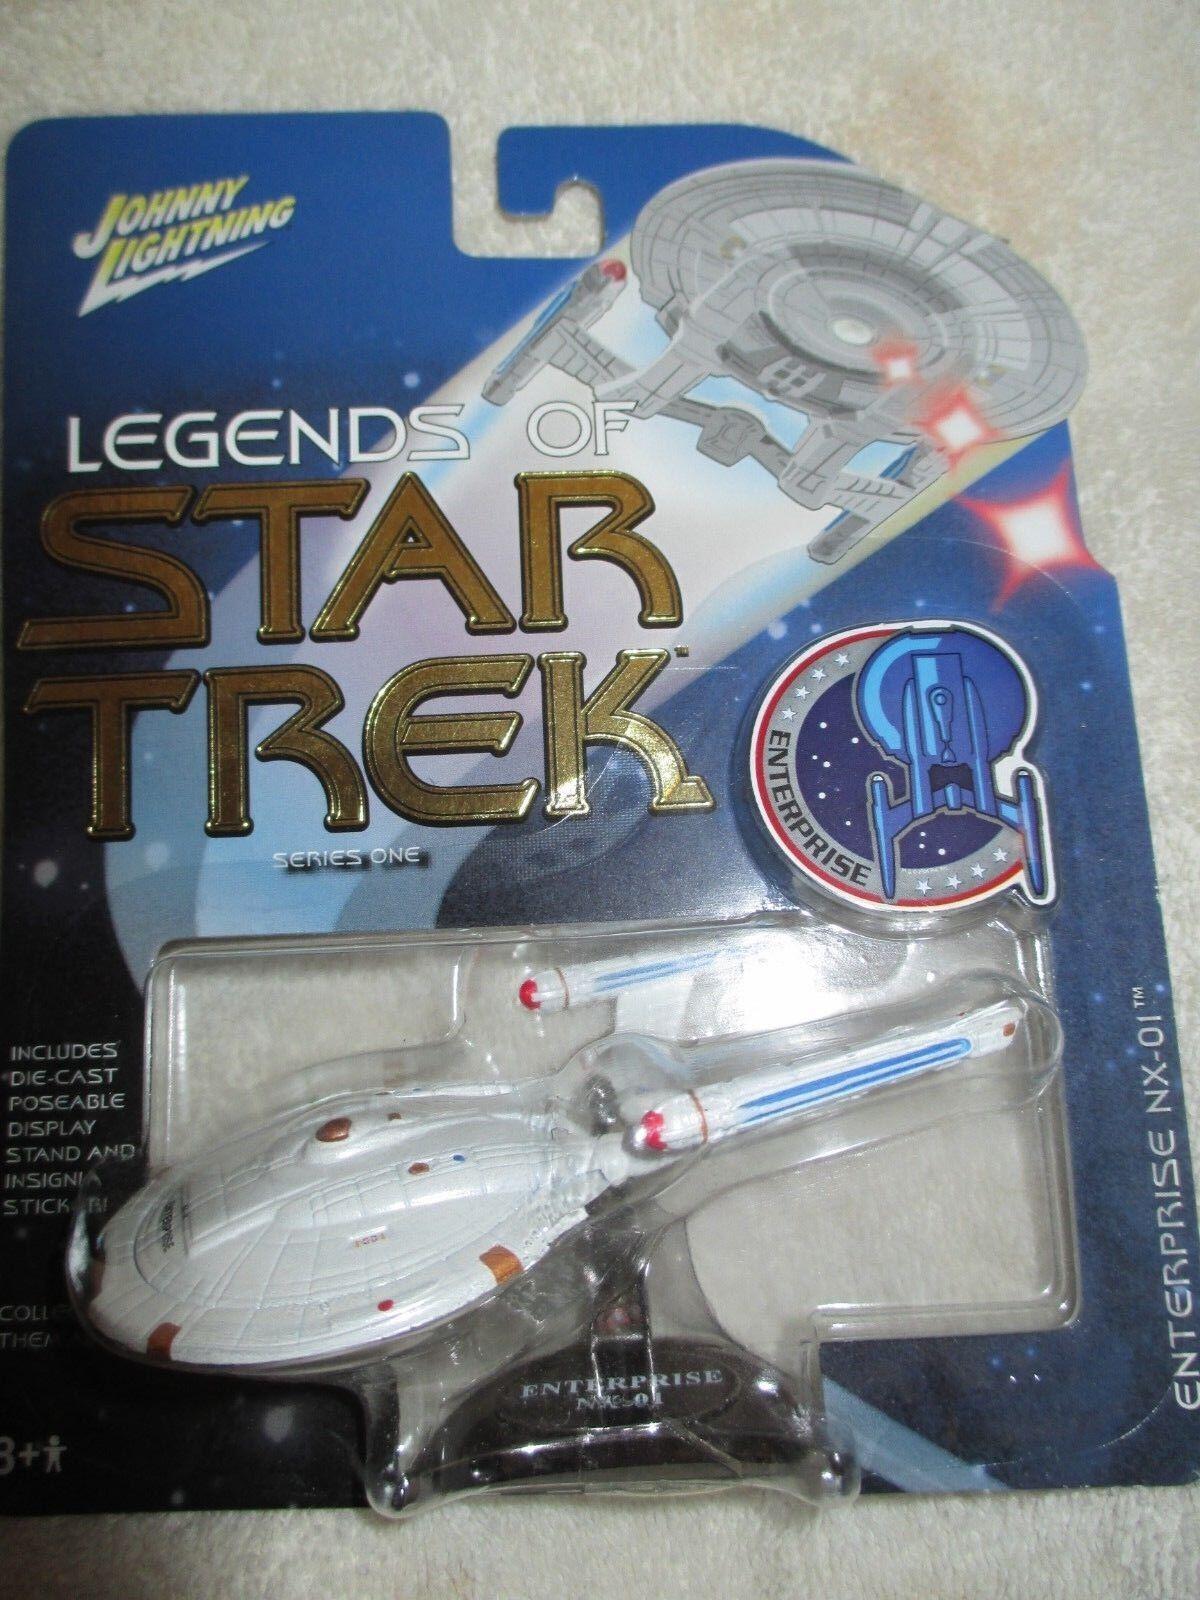 Johnny Lightning Legends Of Star Trek Rare Rare Rare White Lightning Enterprise NX-01 aa93f2